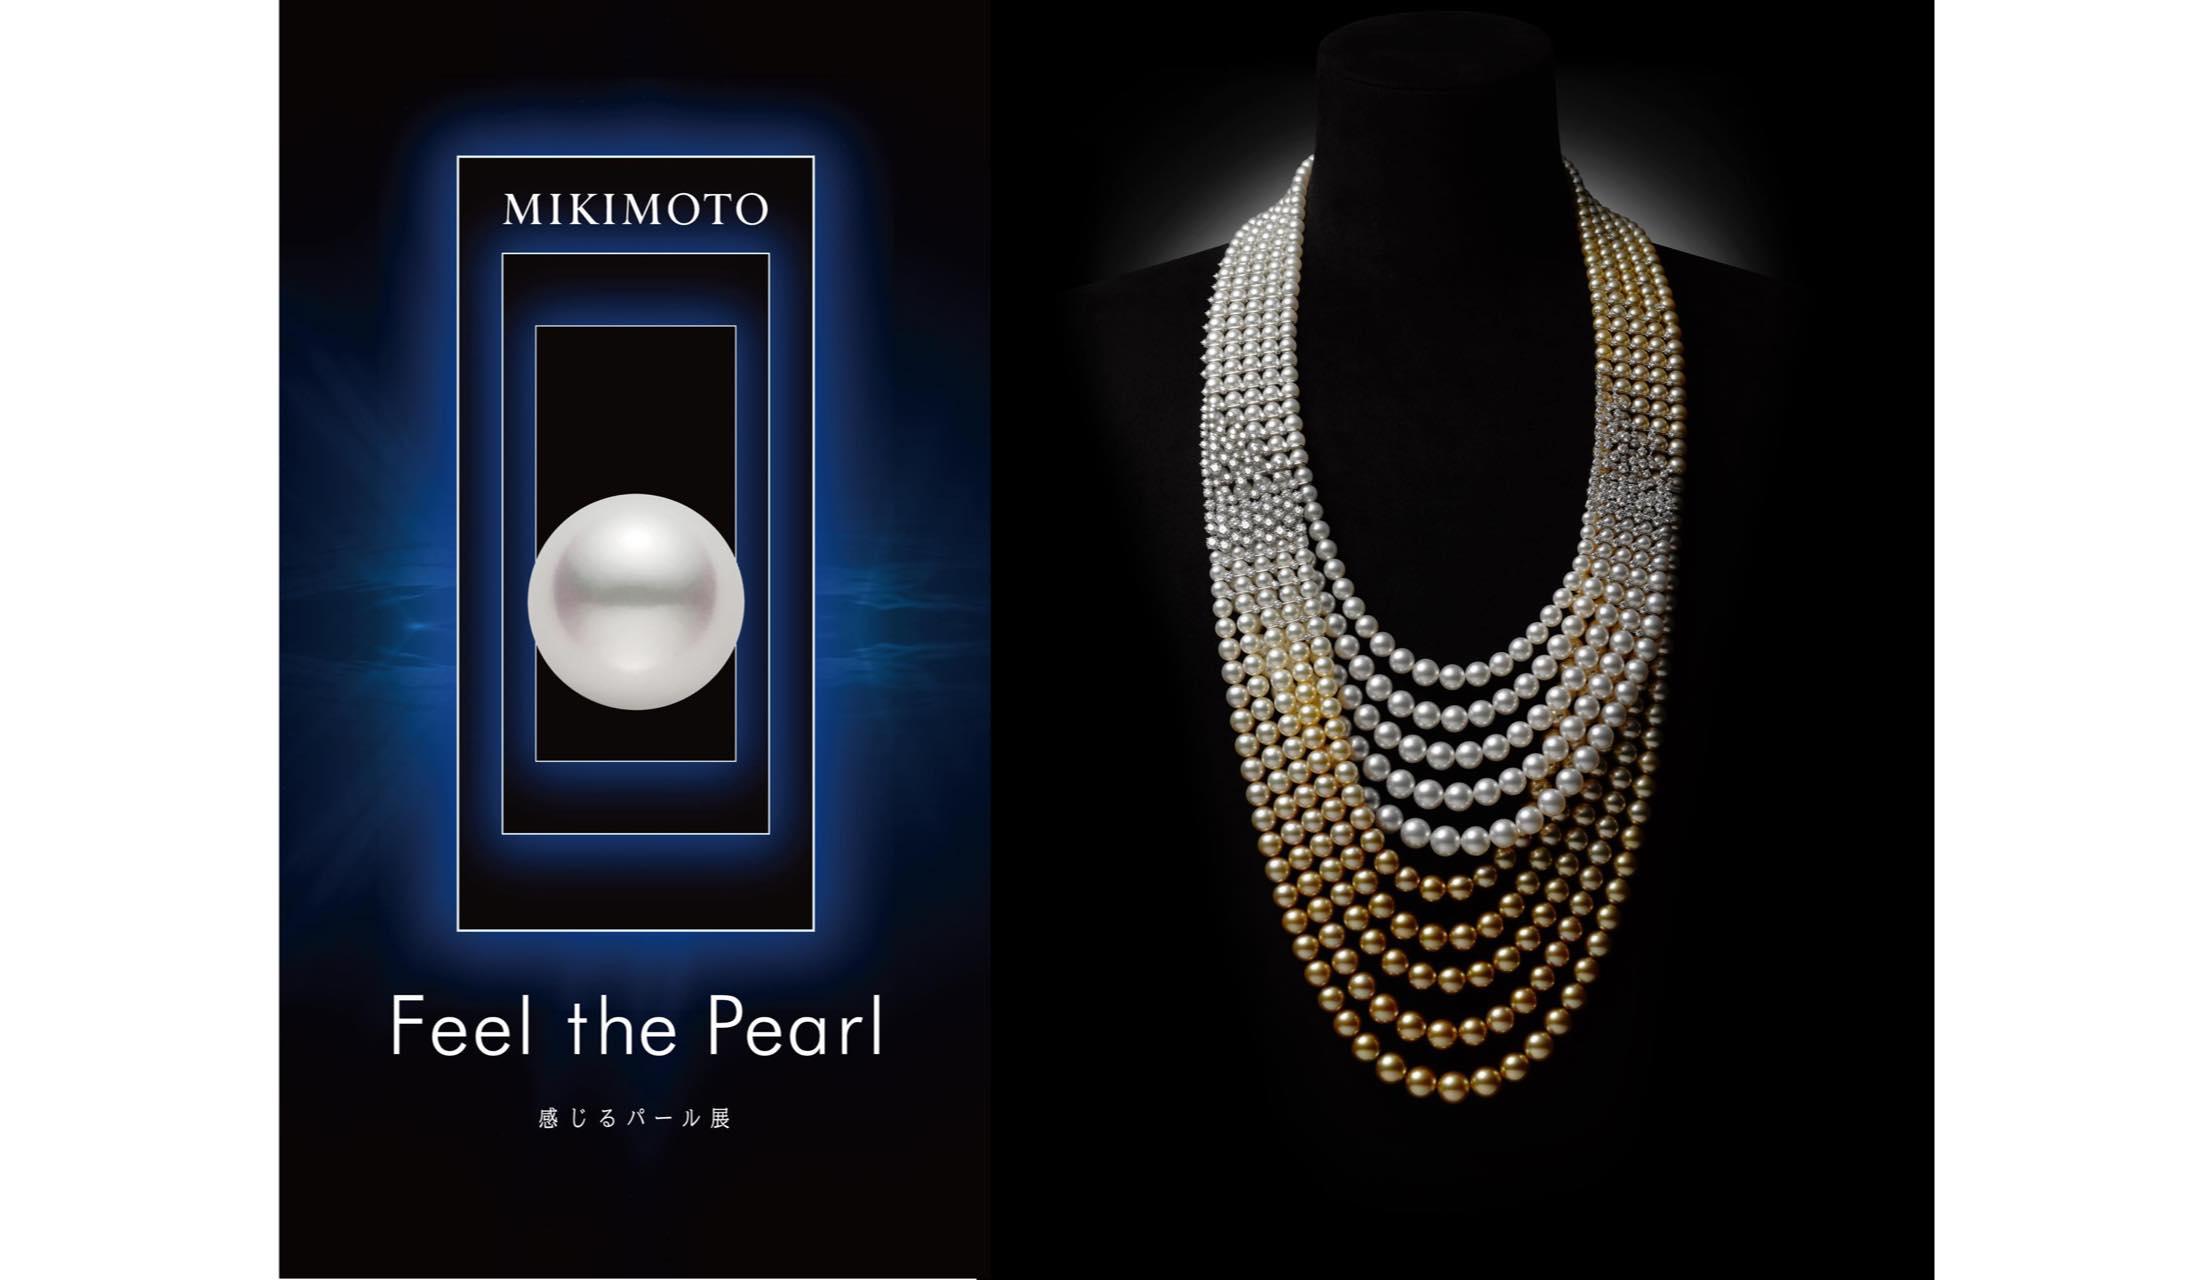 ミキモトの「Feel the Pearl 感じるパール展」